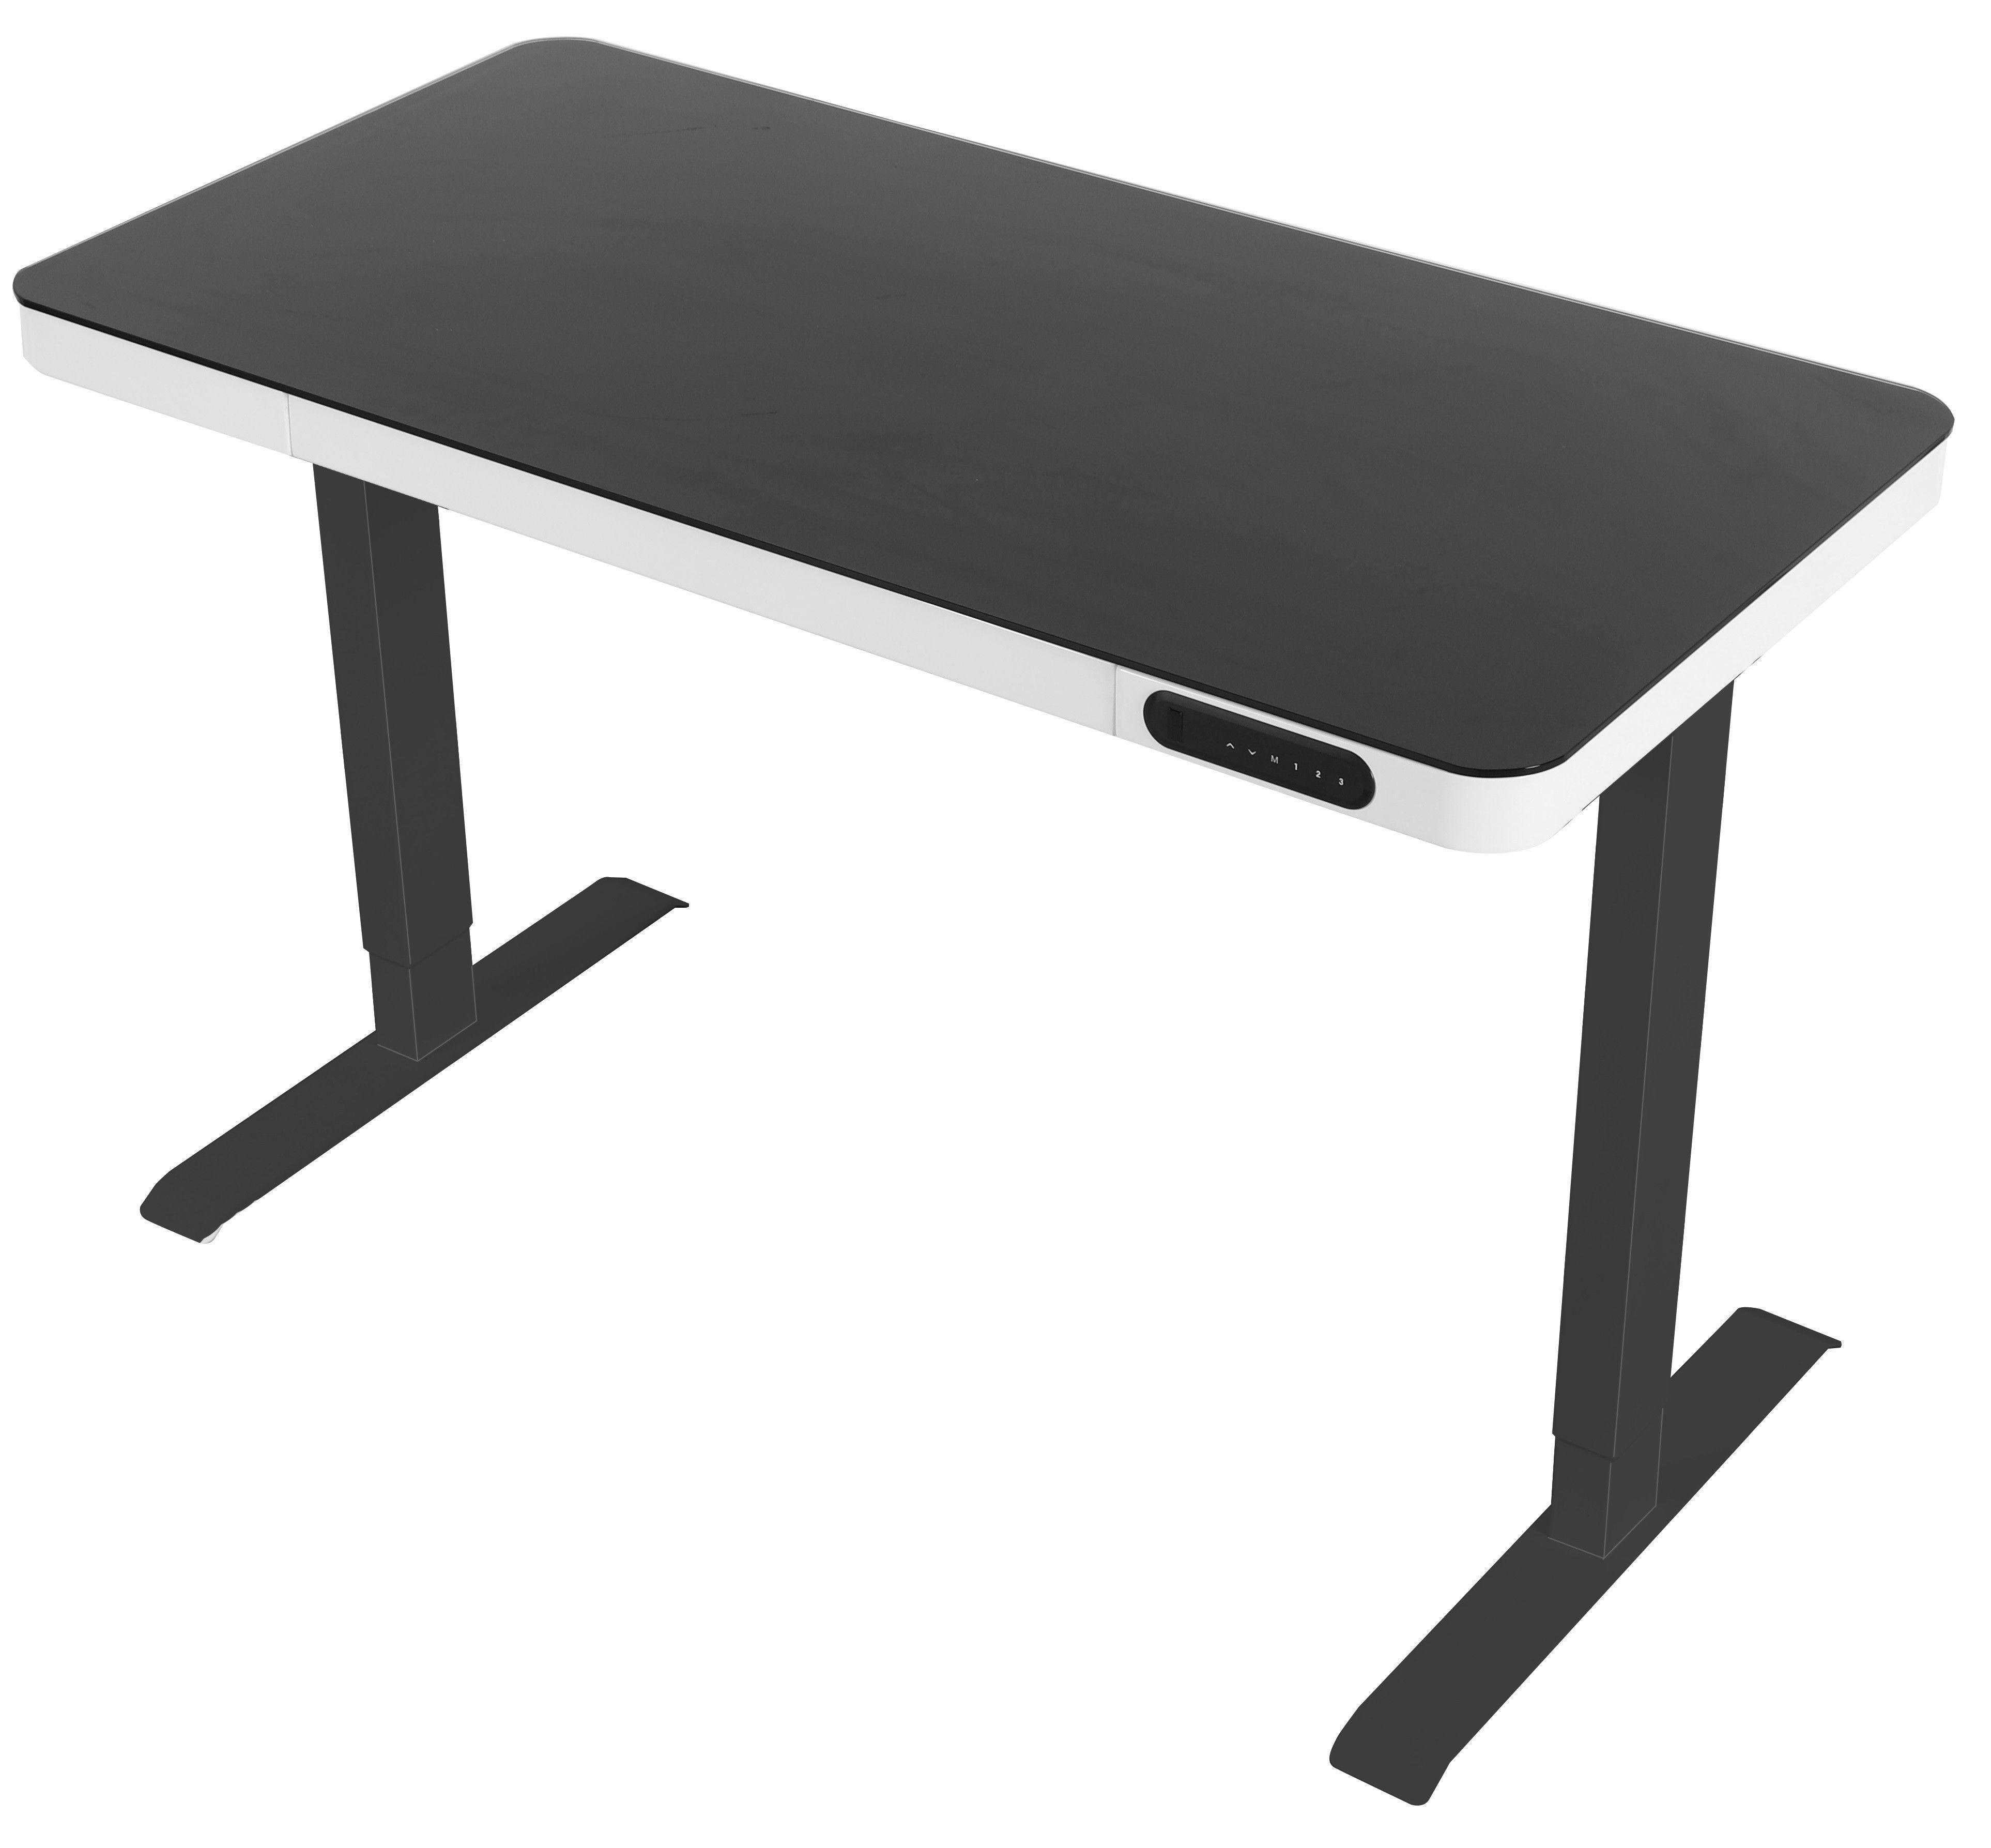 Ergom Home zit-sta bureau voor thuis zwart blad en frame, witte lade